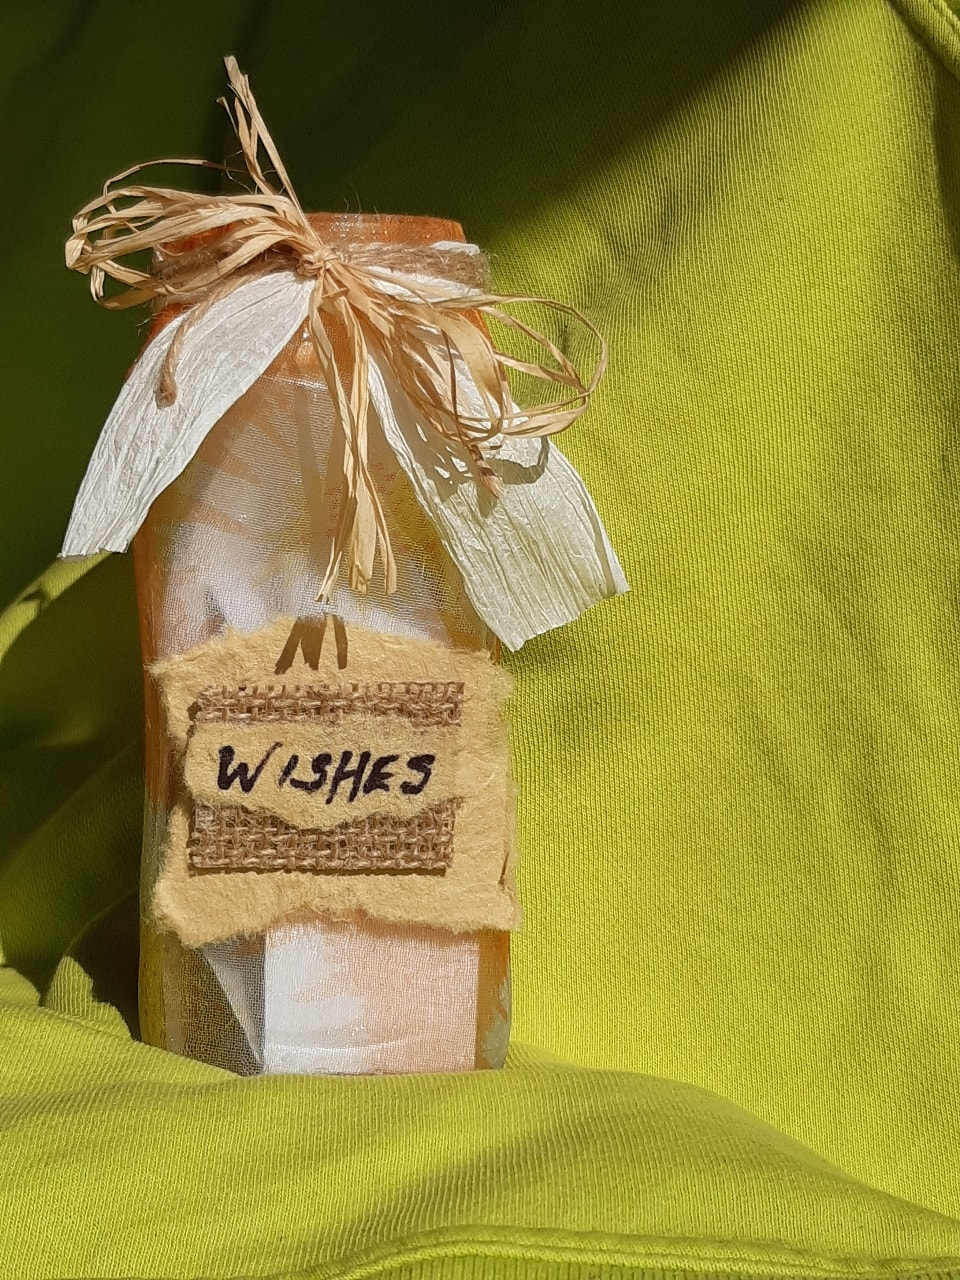 Handmade wishes jars